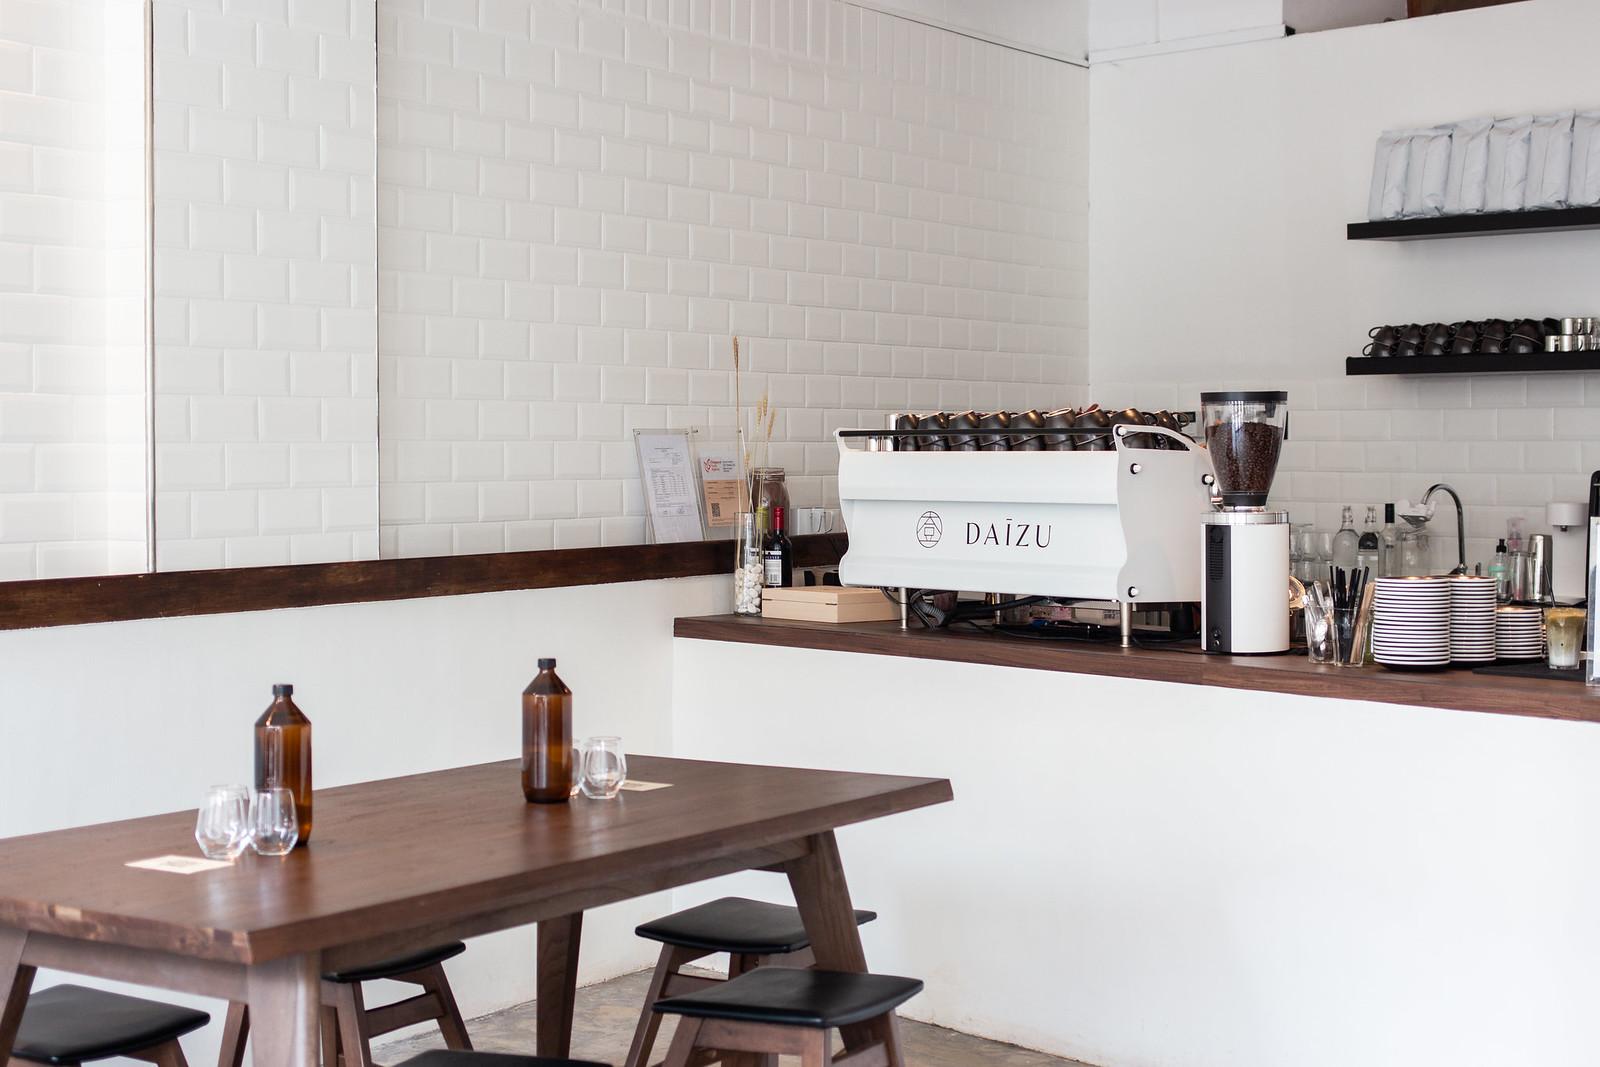 Daizu Cafe, Singapore